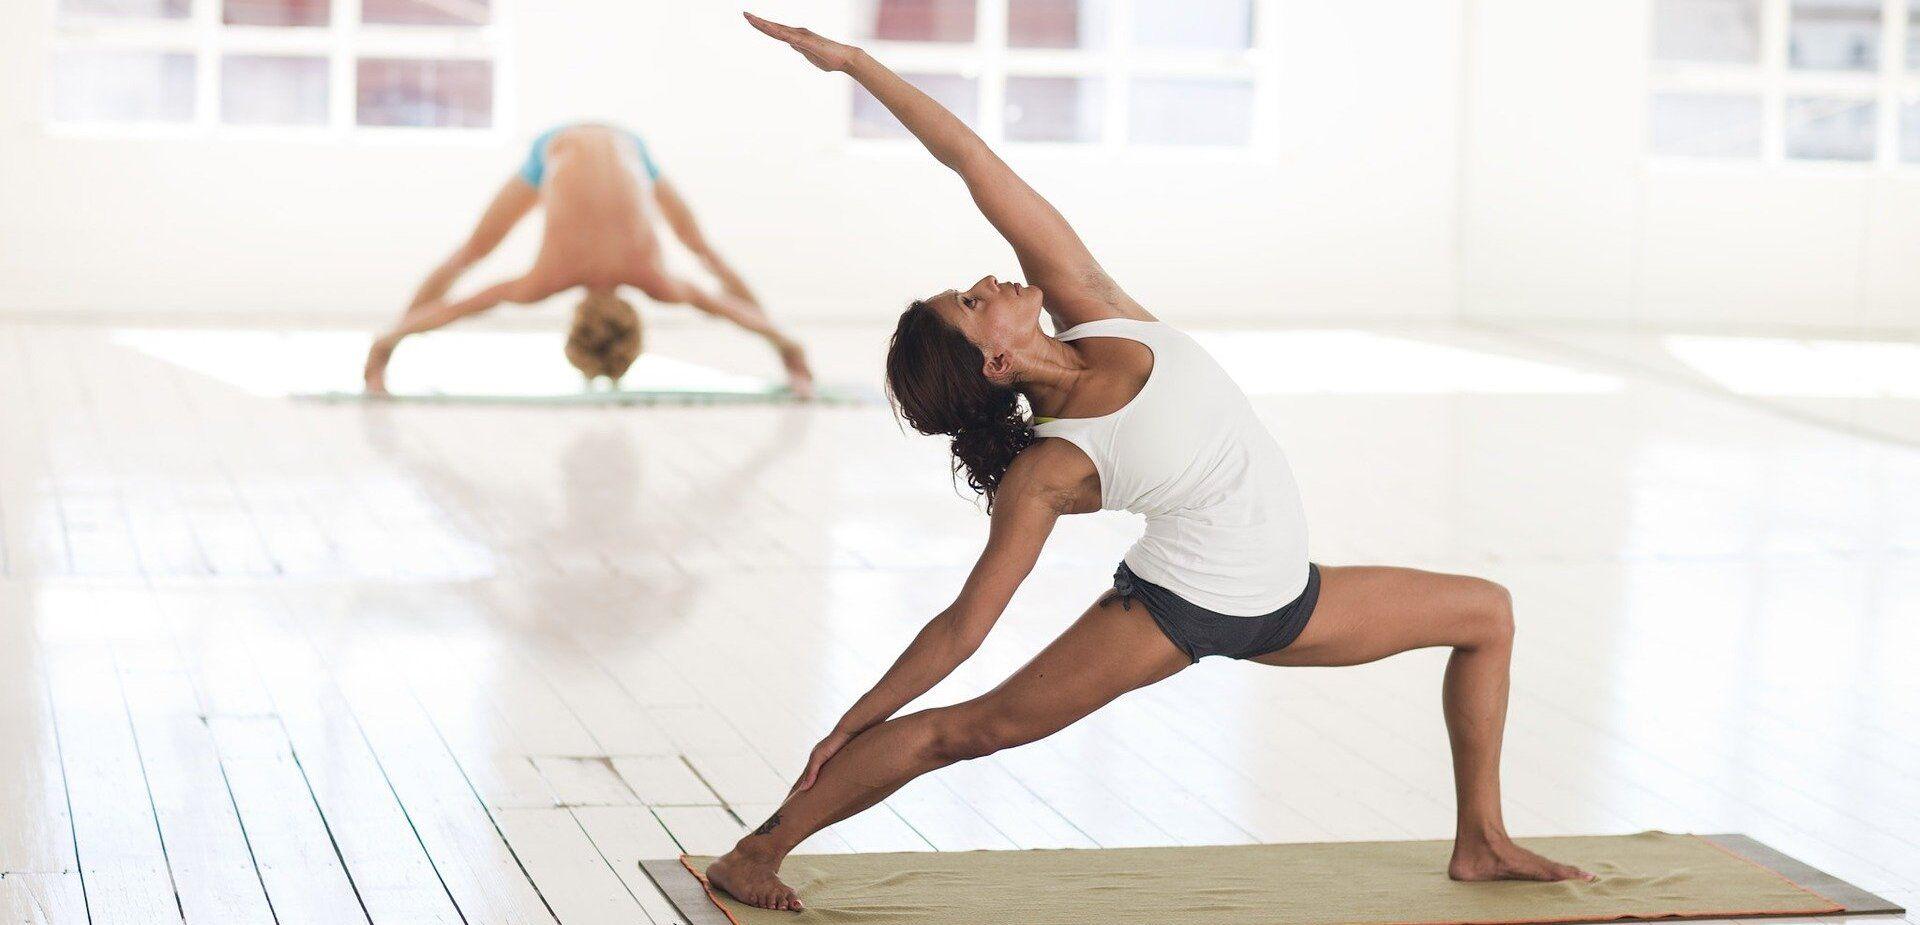 Спорт в помощь: как упражнения облегчают период менопаузы